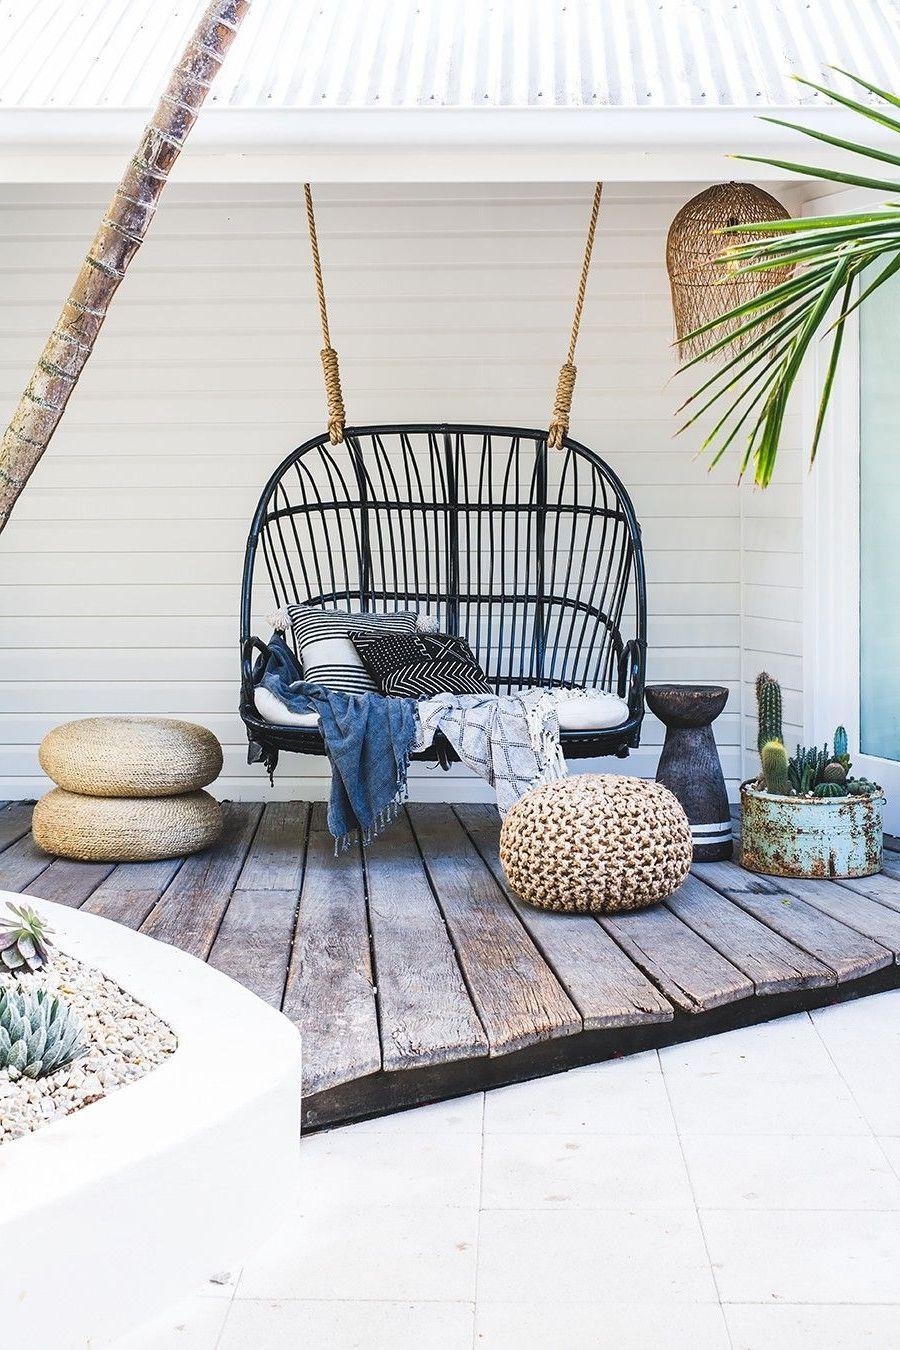 Afbeeldingsresultaat voor hang schommelstoel buiten tuin in